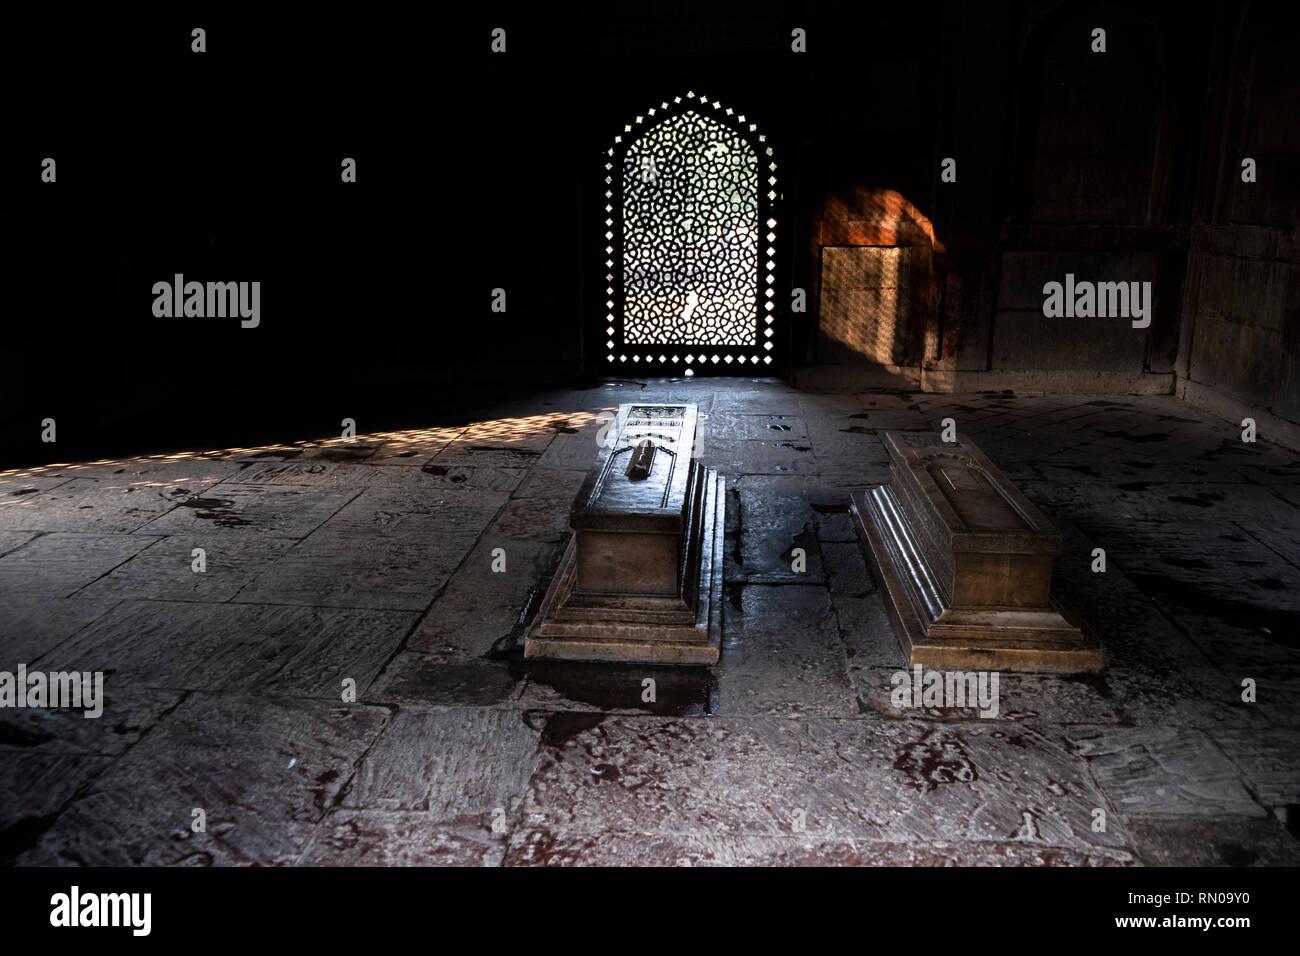 Friseur S Tomb Nai Ka Gumbad An Der Sudostlichen Ecke Von